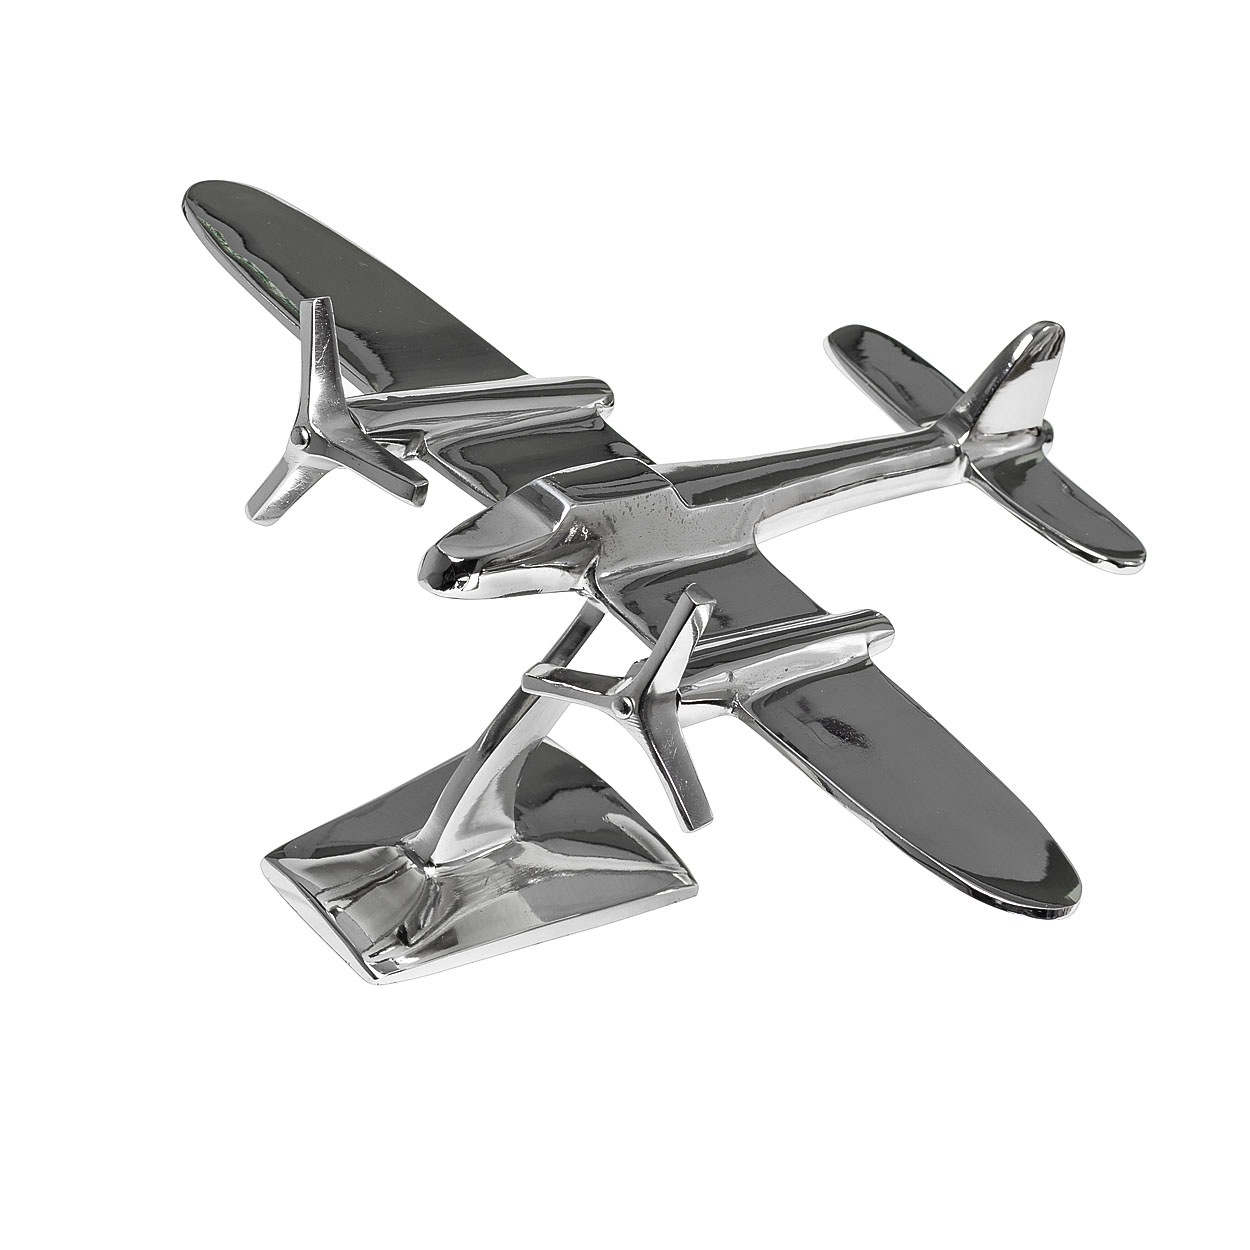 Статуэтка СамолетСтатуэтки<br>Материал: Алюминий, никель.<br><br>Material: Алюминий<br>Ширина см: 30<br>Высота см: 24.0<br>Глубина см: 14.0